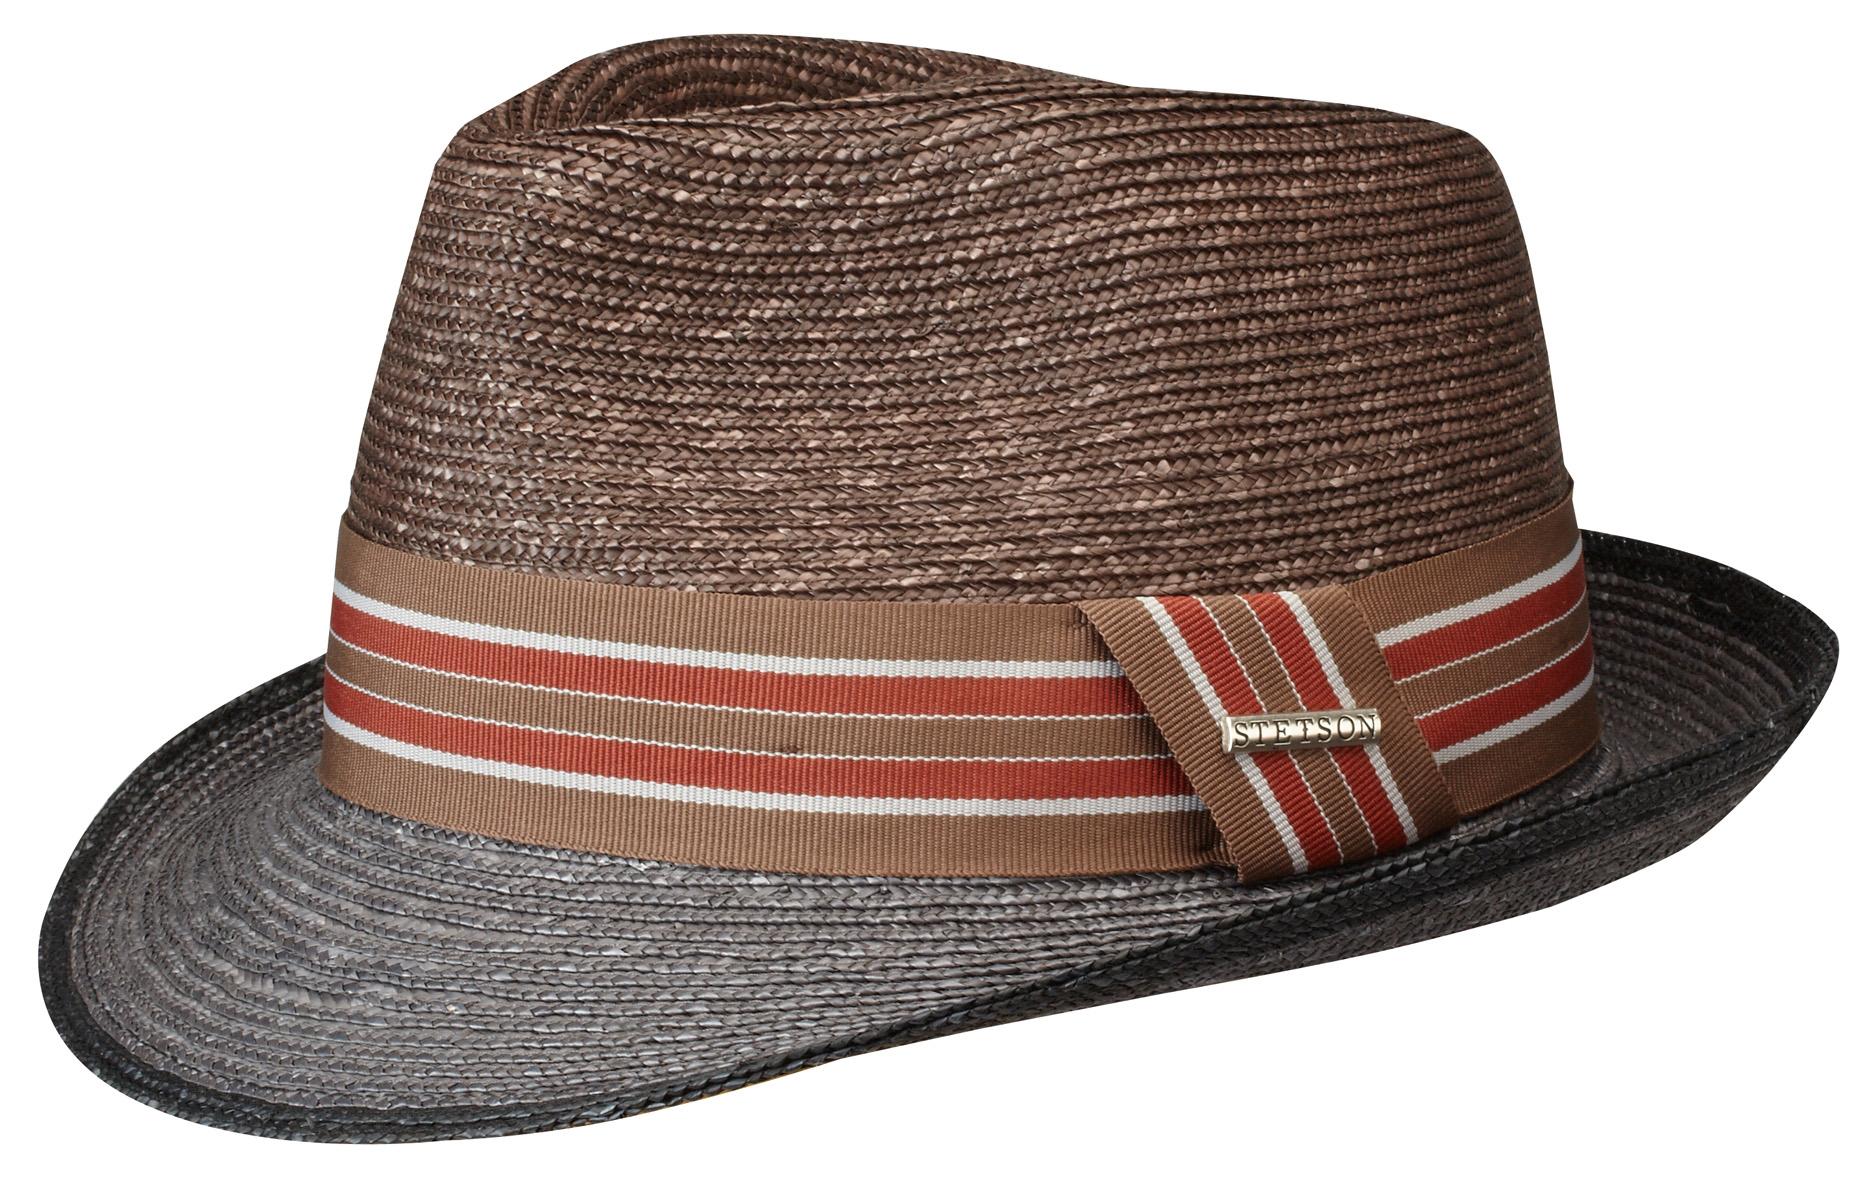 Stetson Belmar je sportovně laděný slaměný klobouk se zvednutou krempou v  zadní části a širší ozdobnou stuhou. Koruna slamáku je v tmavěí hnědozlaté  barvě a ... a8bea2c7d8